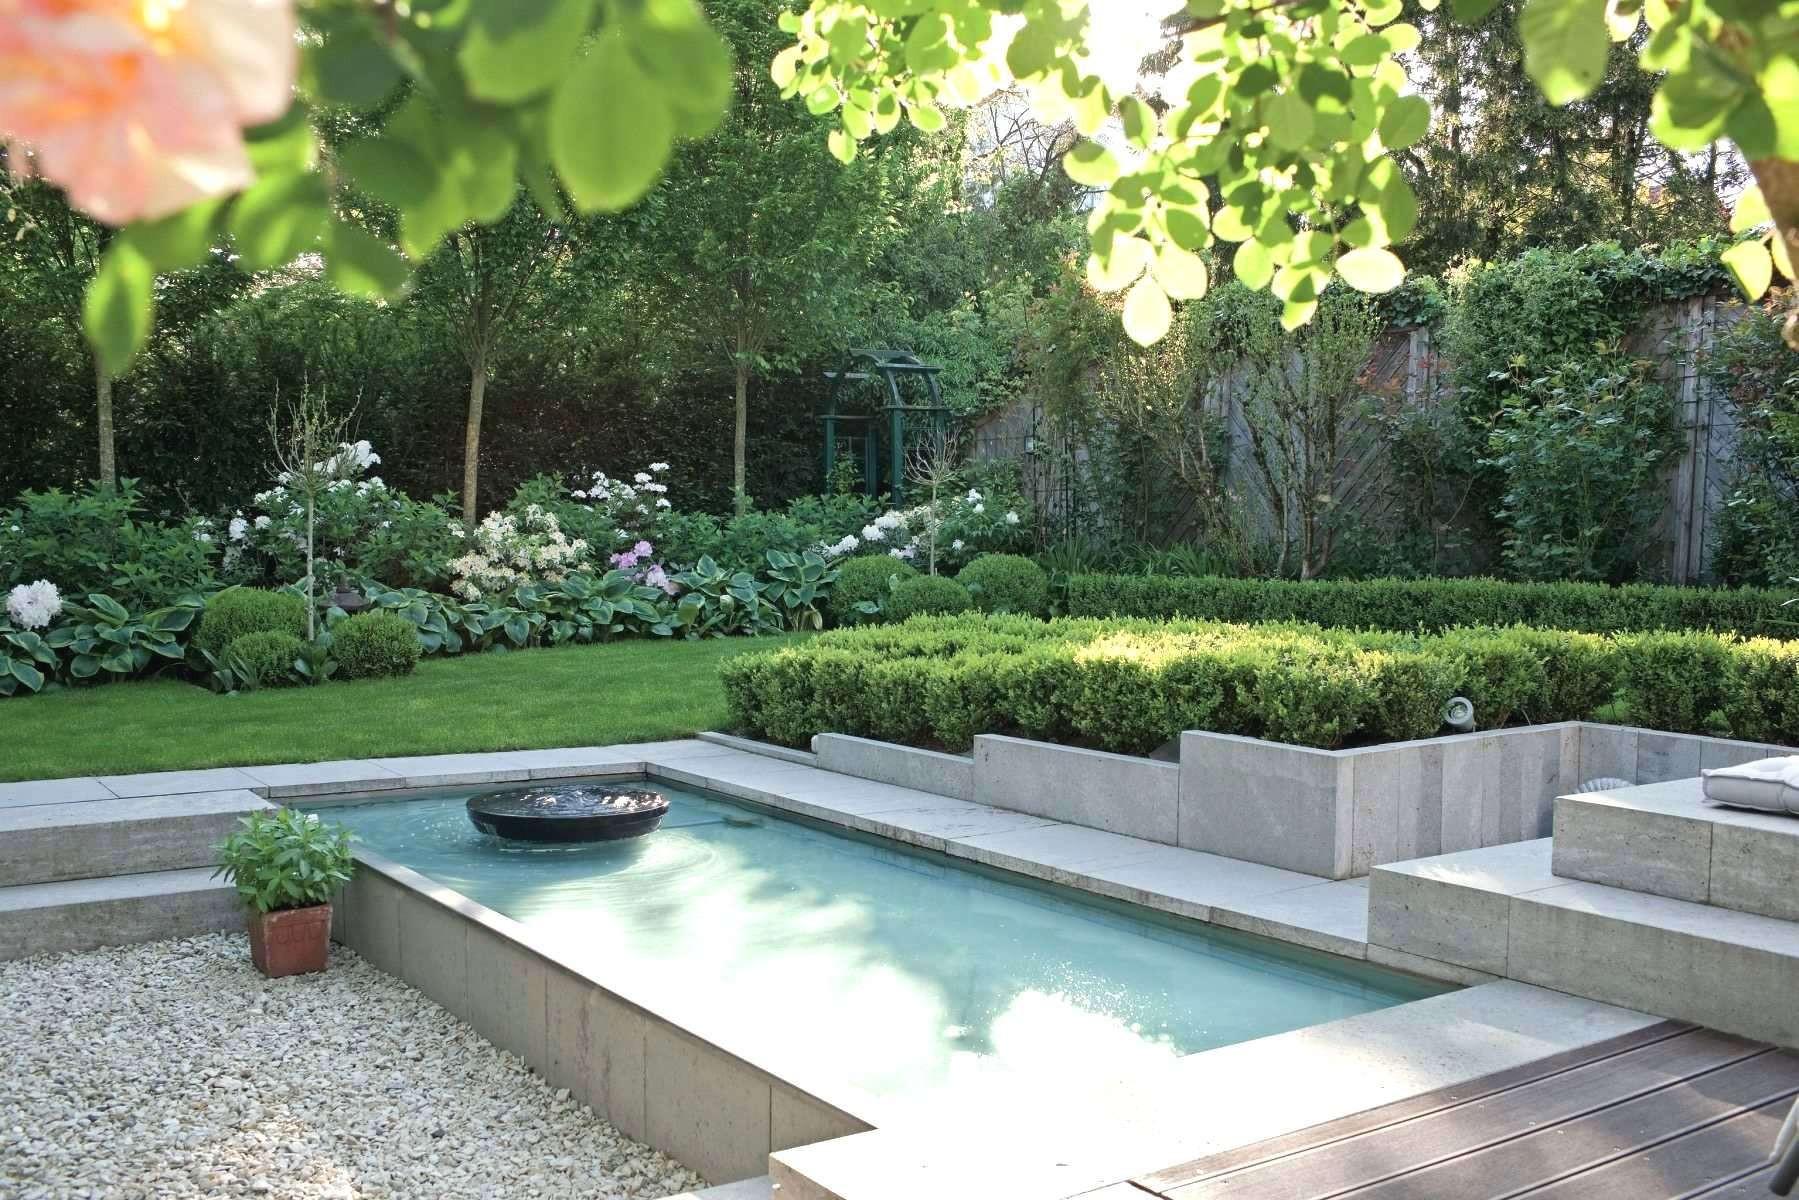 garten anlegen ideen kleinen garten anlegen das beste von formaler reihenhausgarten 0d of garten anlegen ideen 1